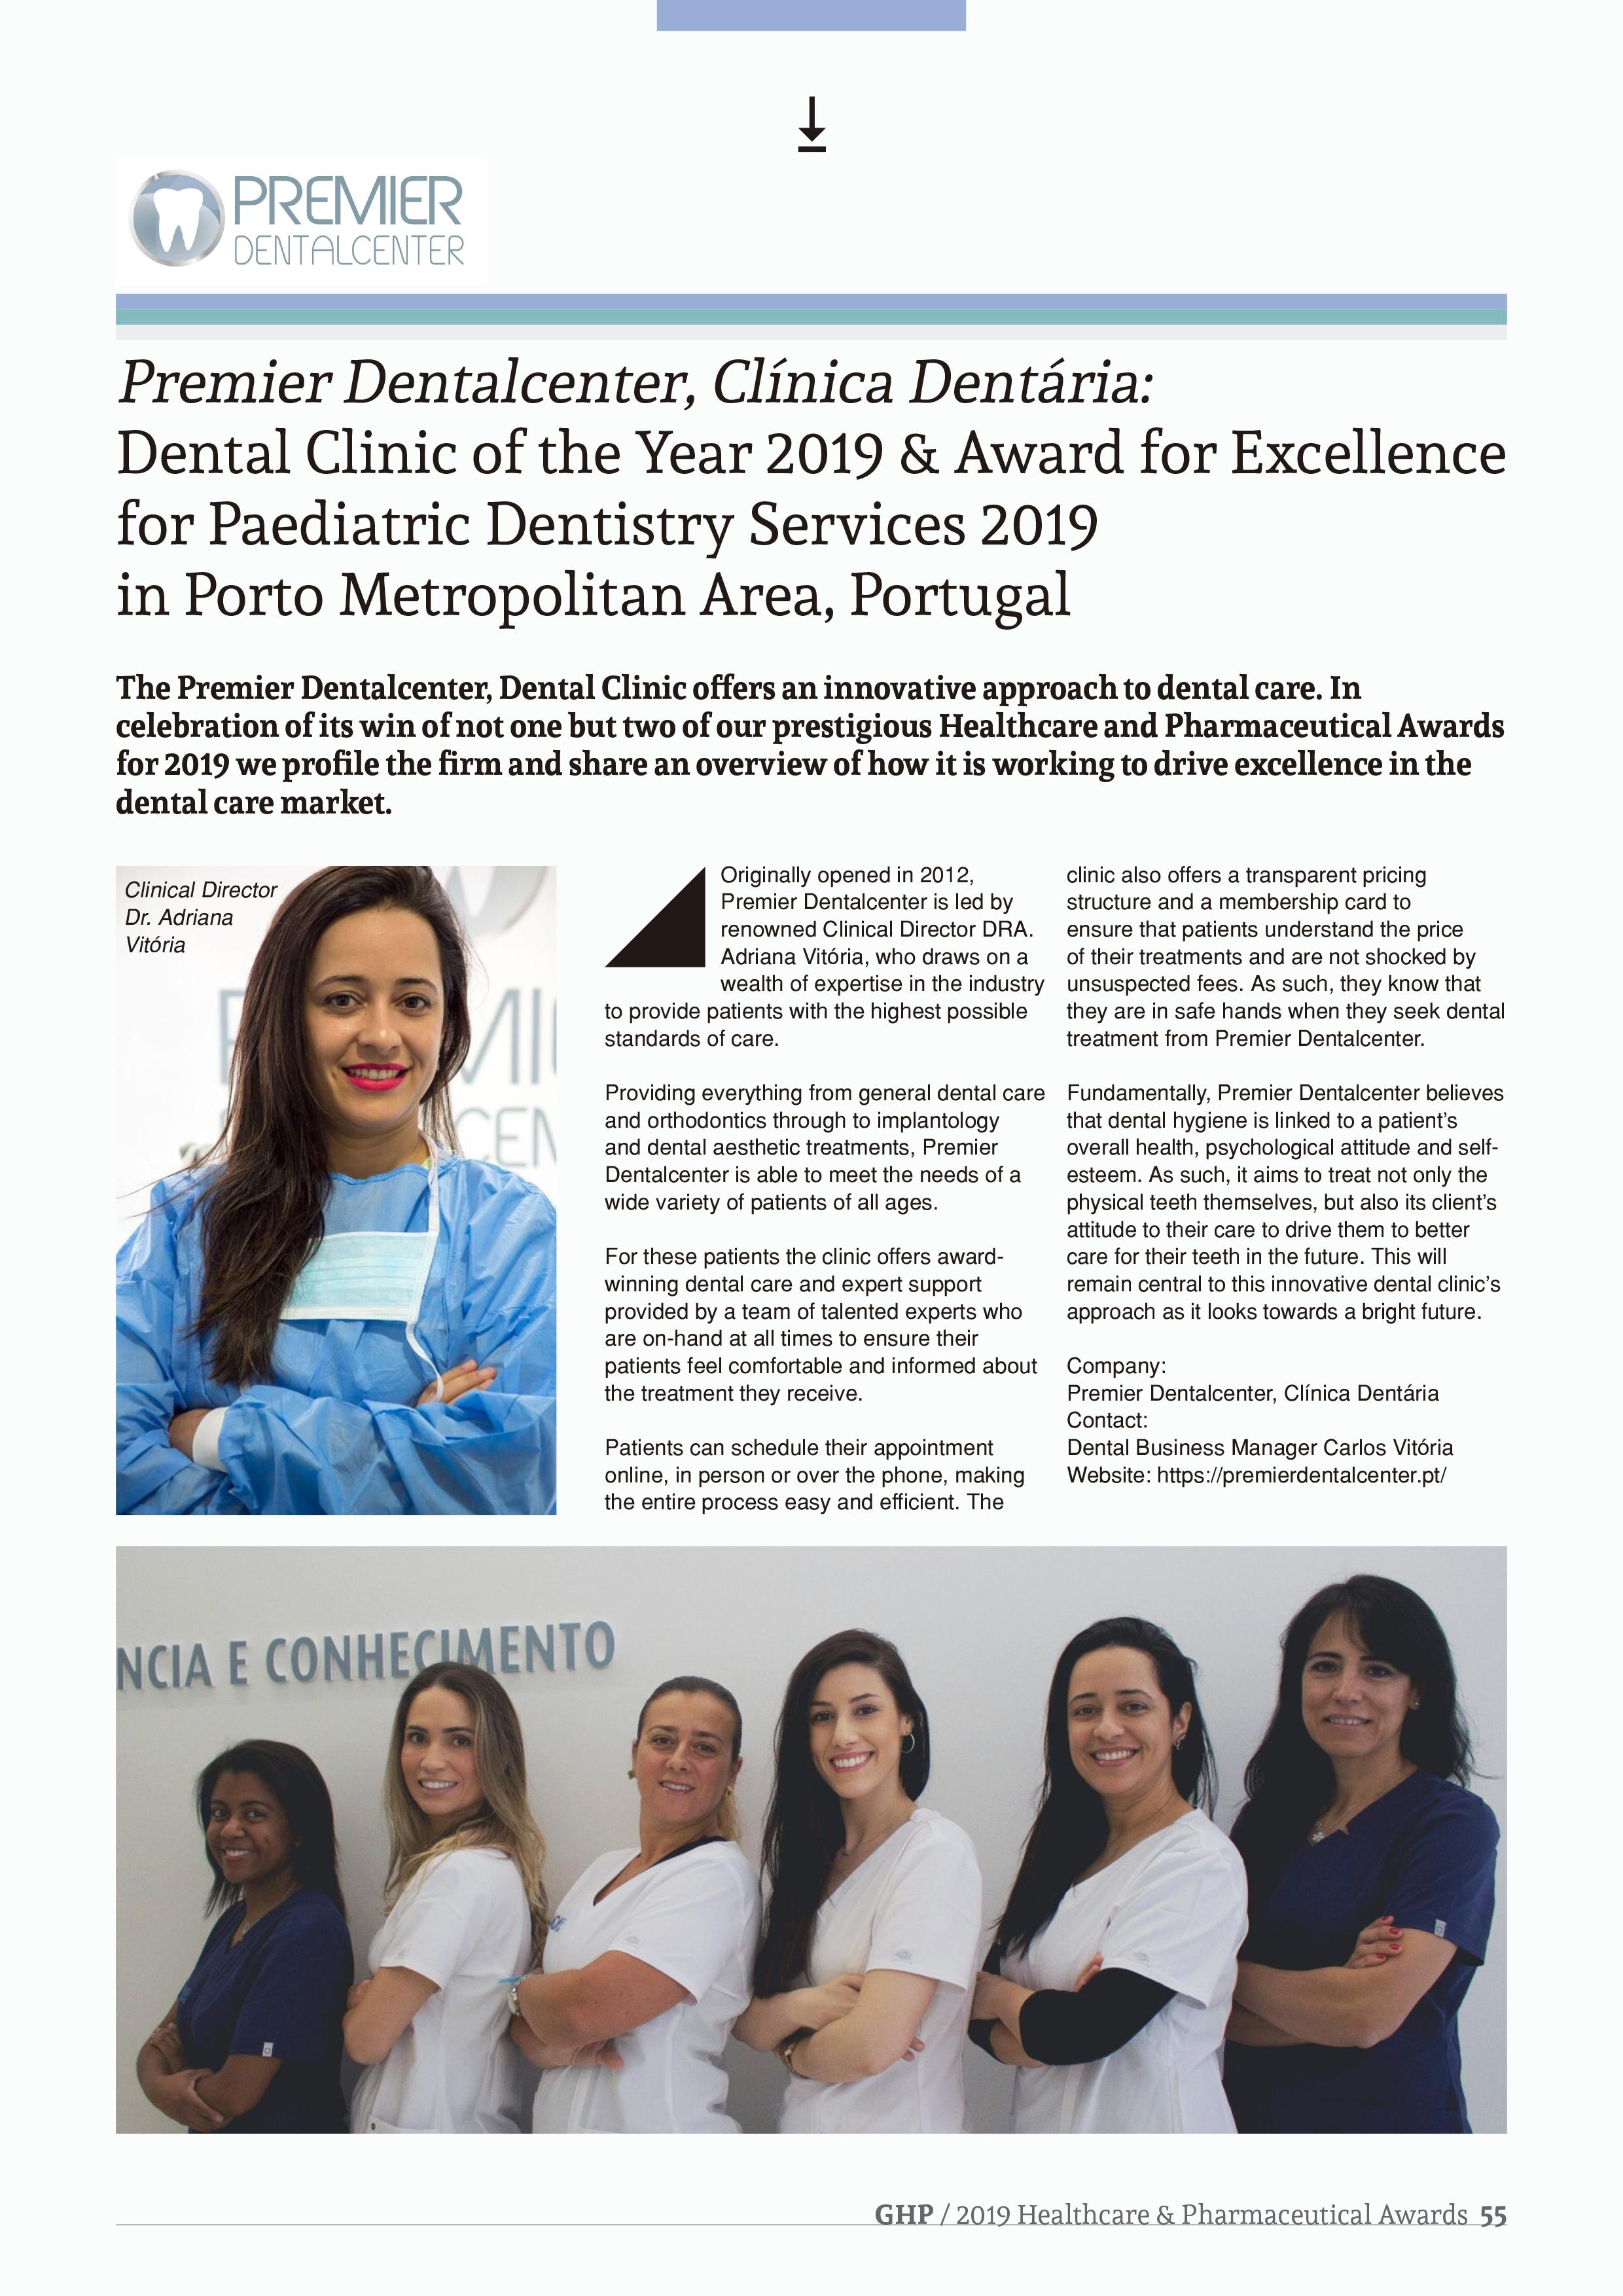 GHP 2019 Healthcare & Pharmaceutical Awards Premier DentalCenter